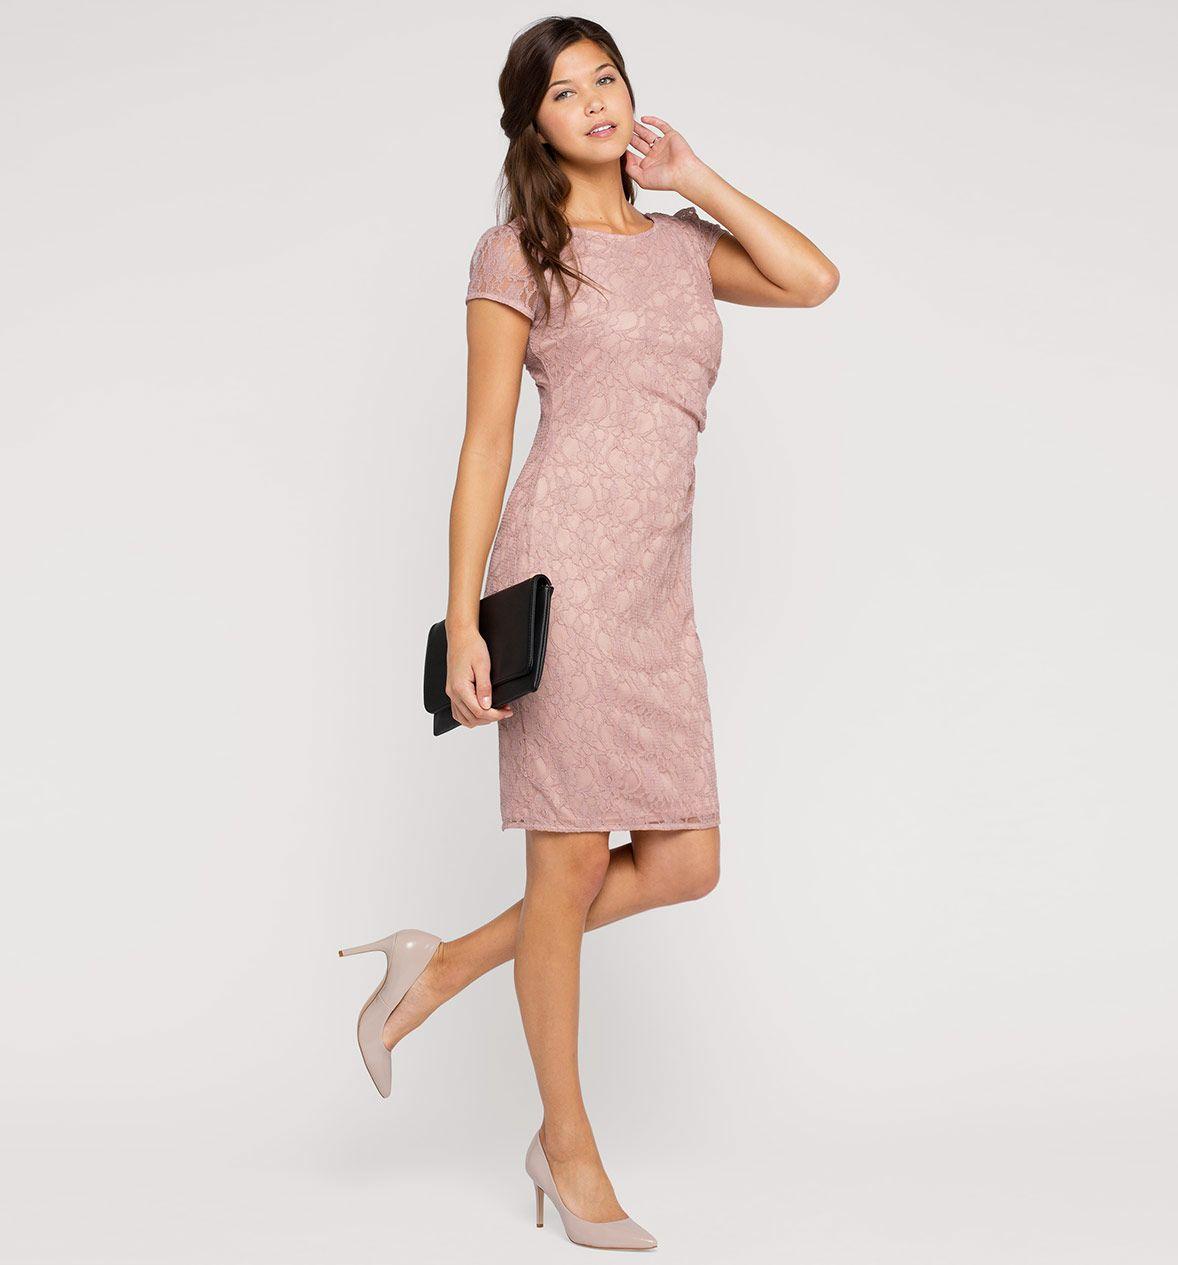 El nombre de Rosa Dona Boutique, viene de la propietaria de esta tienda, Rosa Llopis. Un referente de la moda en la Comunidad Valenciana, que ha vestido .